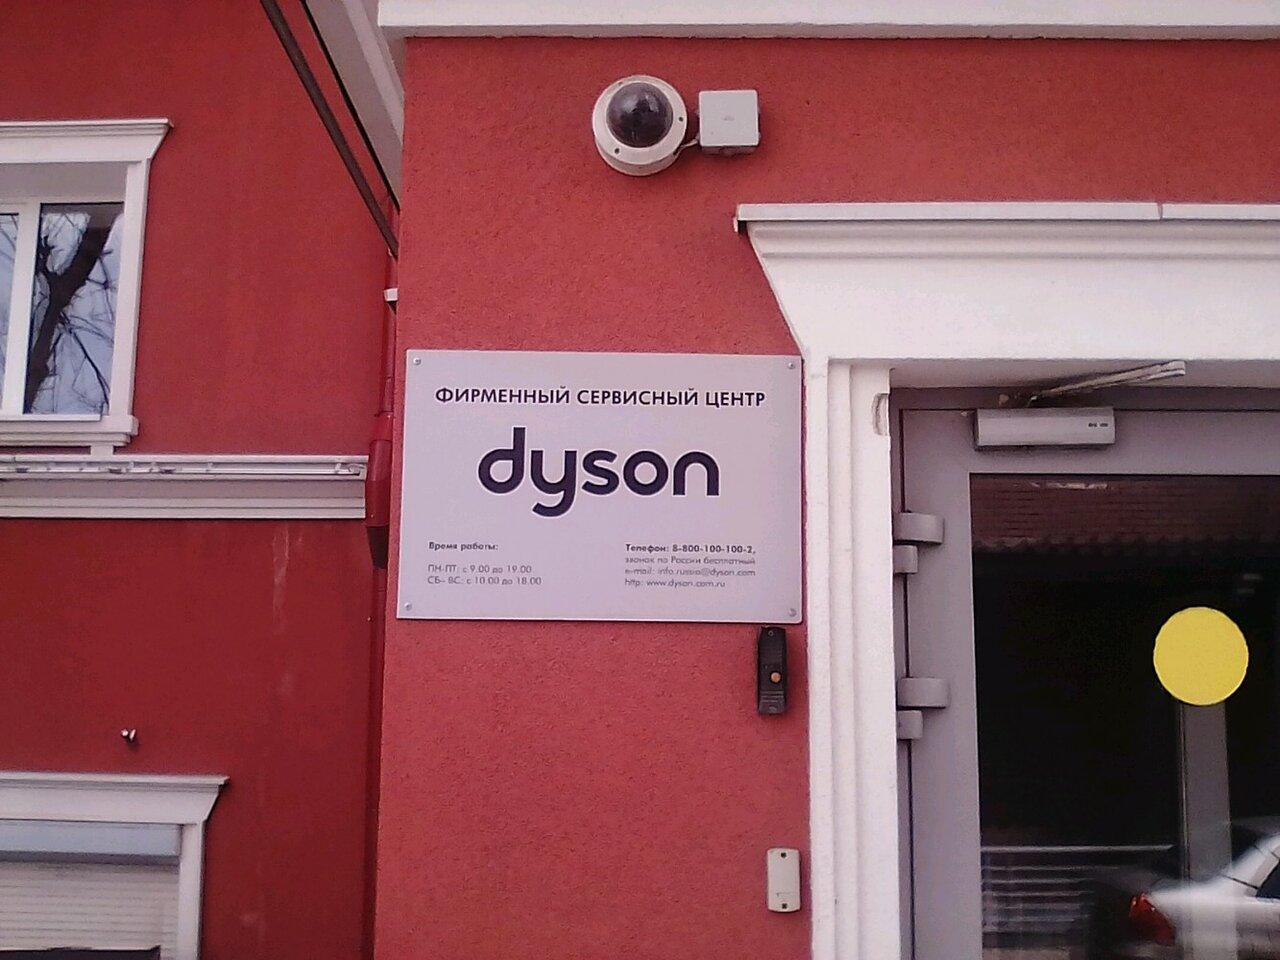 Сервисный центр дайсон в москве адреса dyson сравнение мощностей